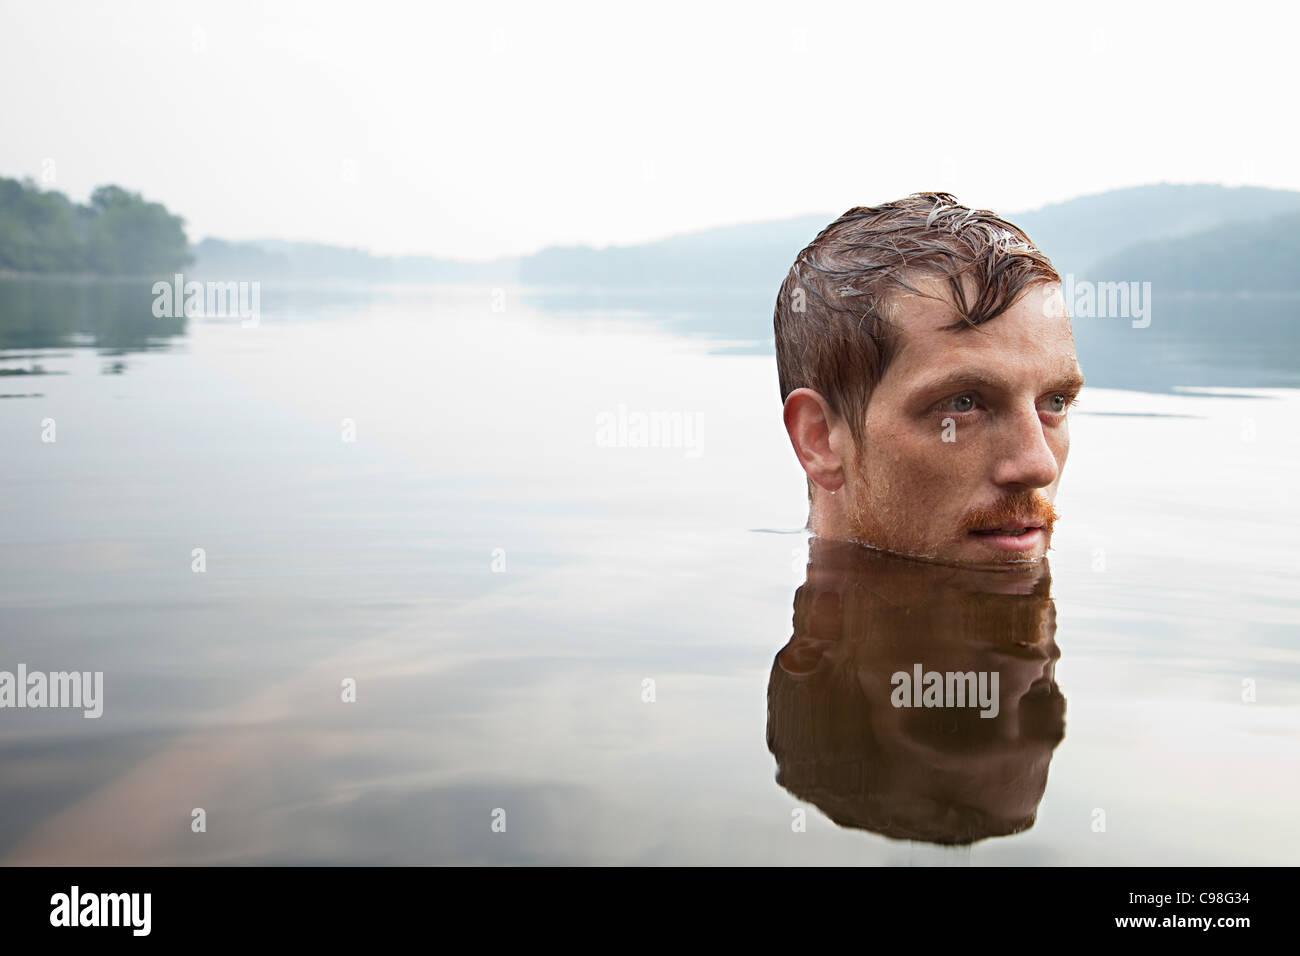 Lac de baignade man Photo Stock